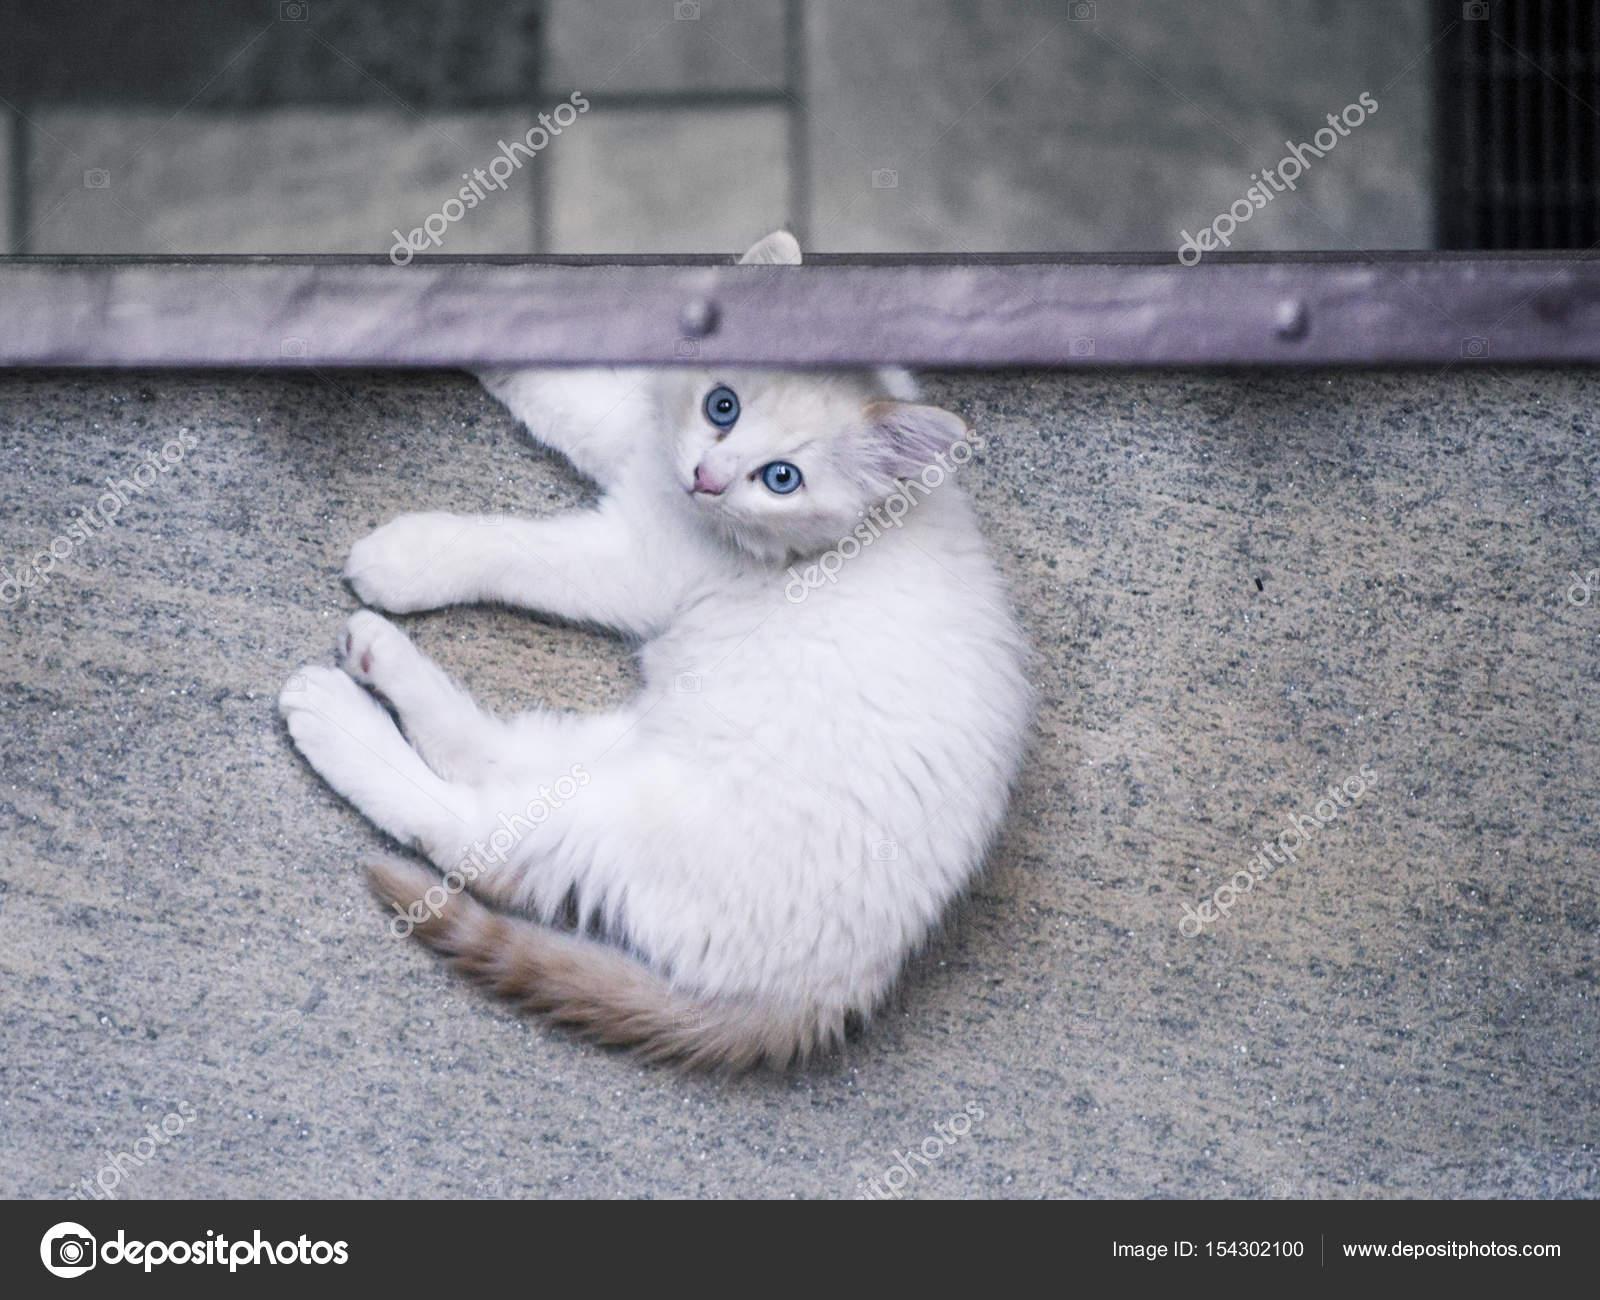 Gatto Cucciolo Dagli Occhi Blu Al Primo Piano Di Un Cortile Privato